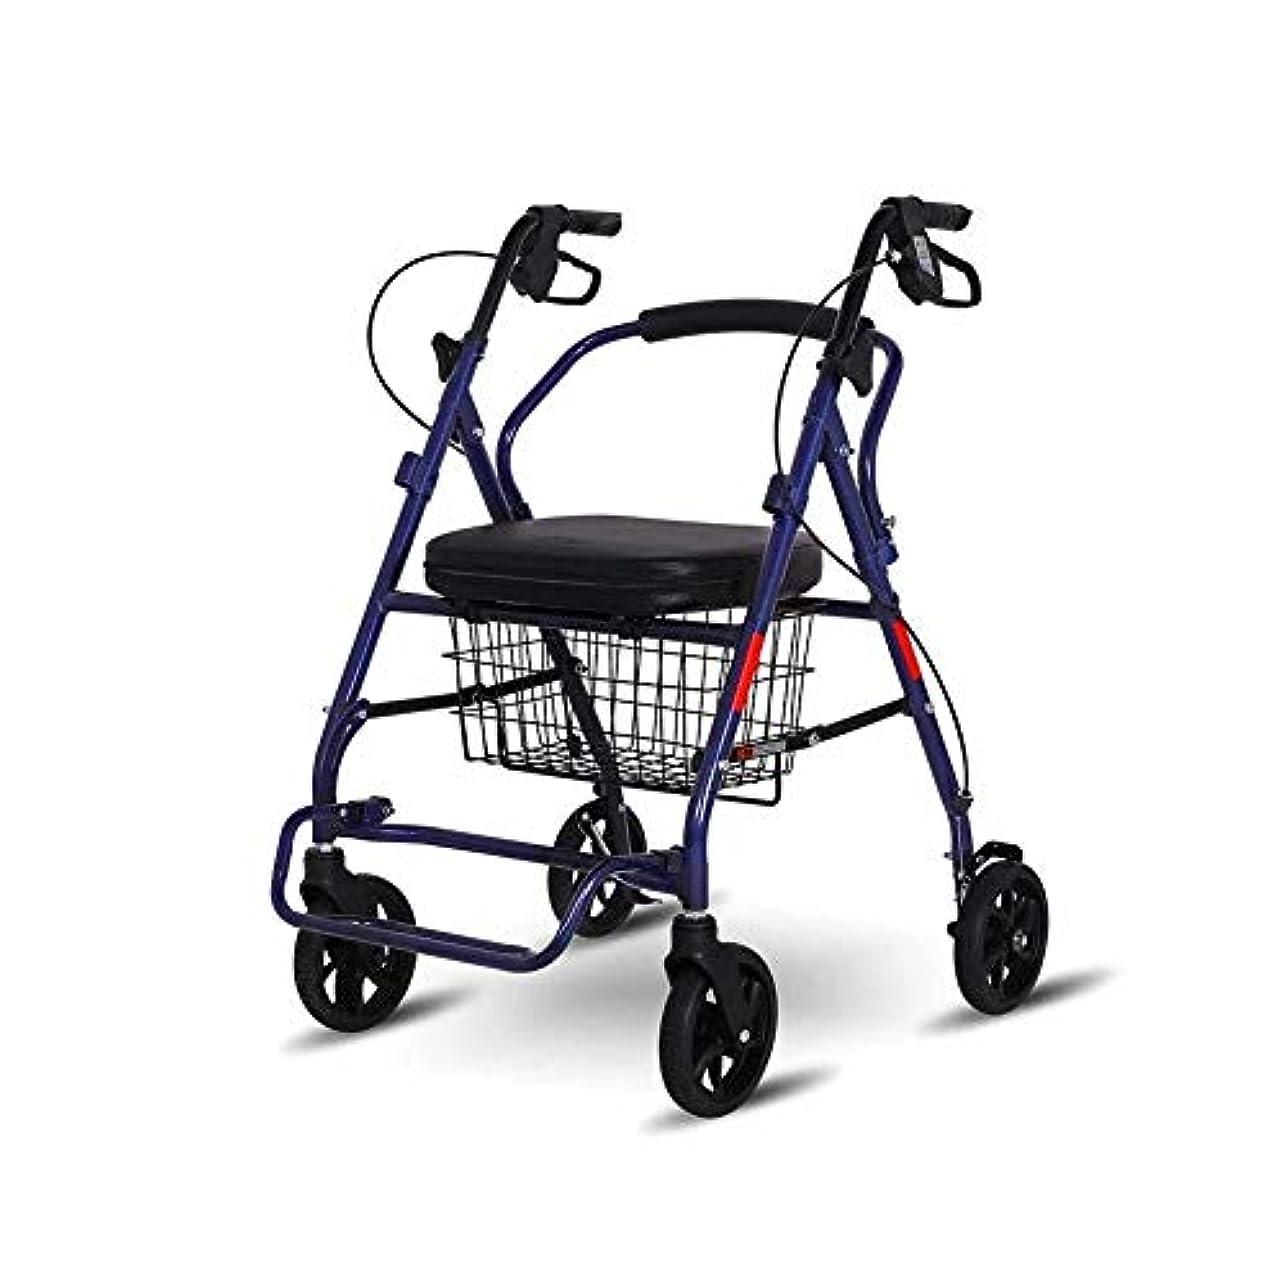 コックキー製油所折りたたみ式歩行歩行器、パッド入りシート&背もたれ、ロック可能なブレーキ、フットレスト、歩行補助